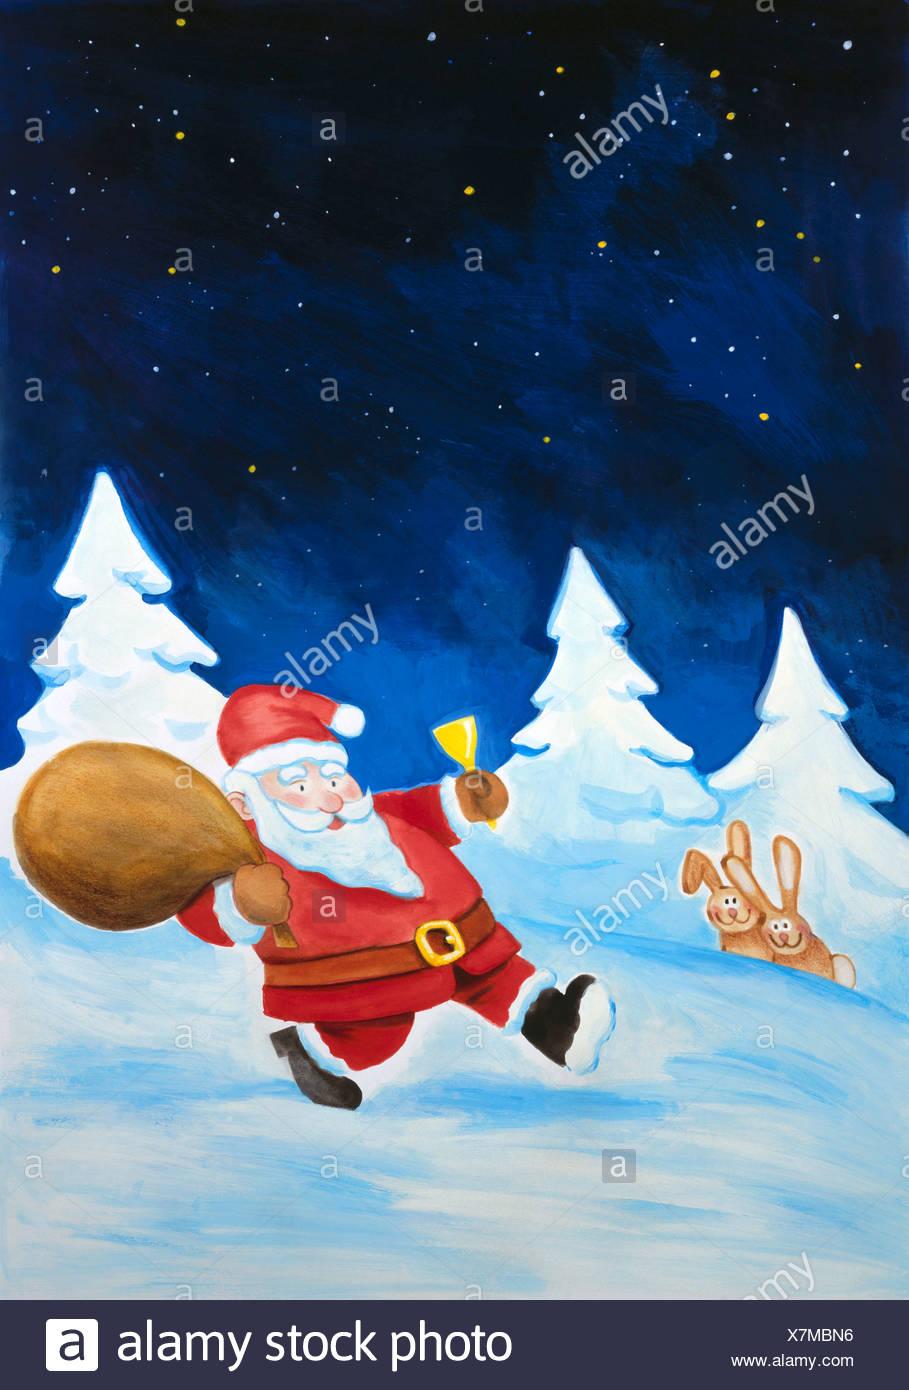 Babbo Natale porta doni, illustrazione Immagini Stock